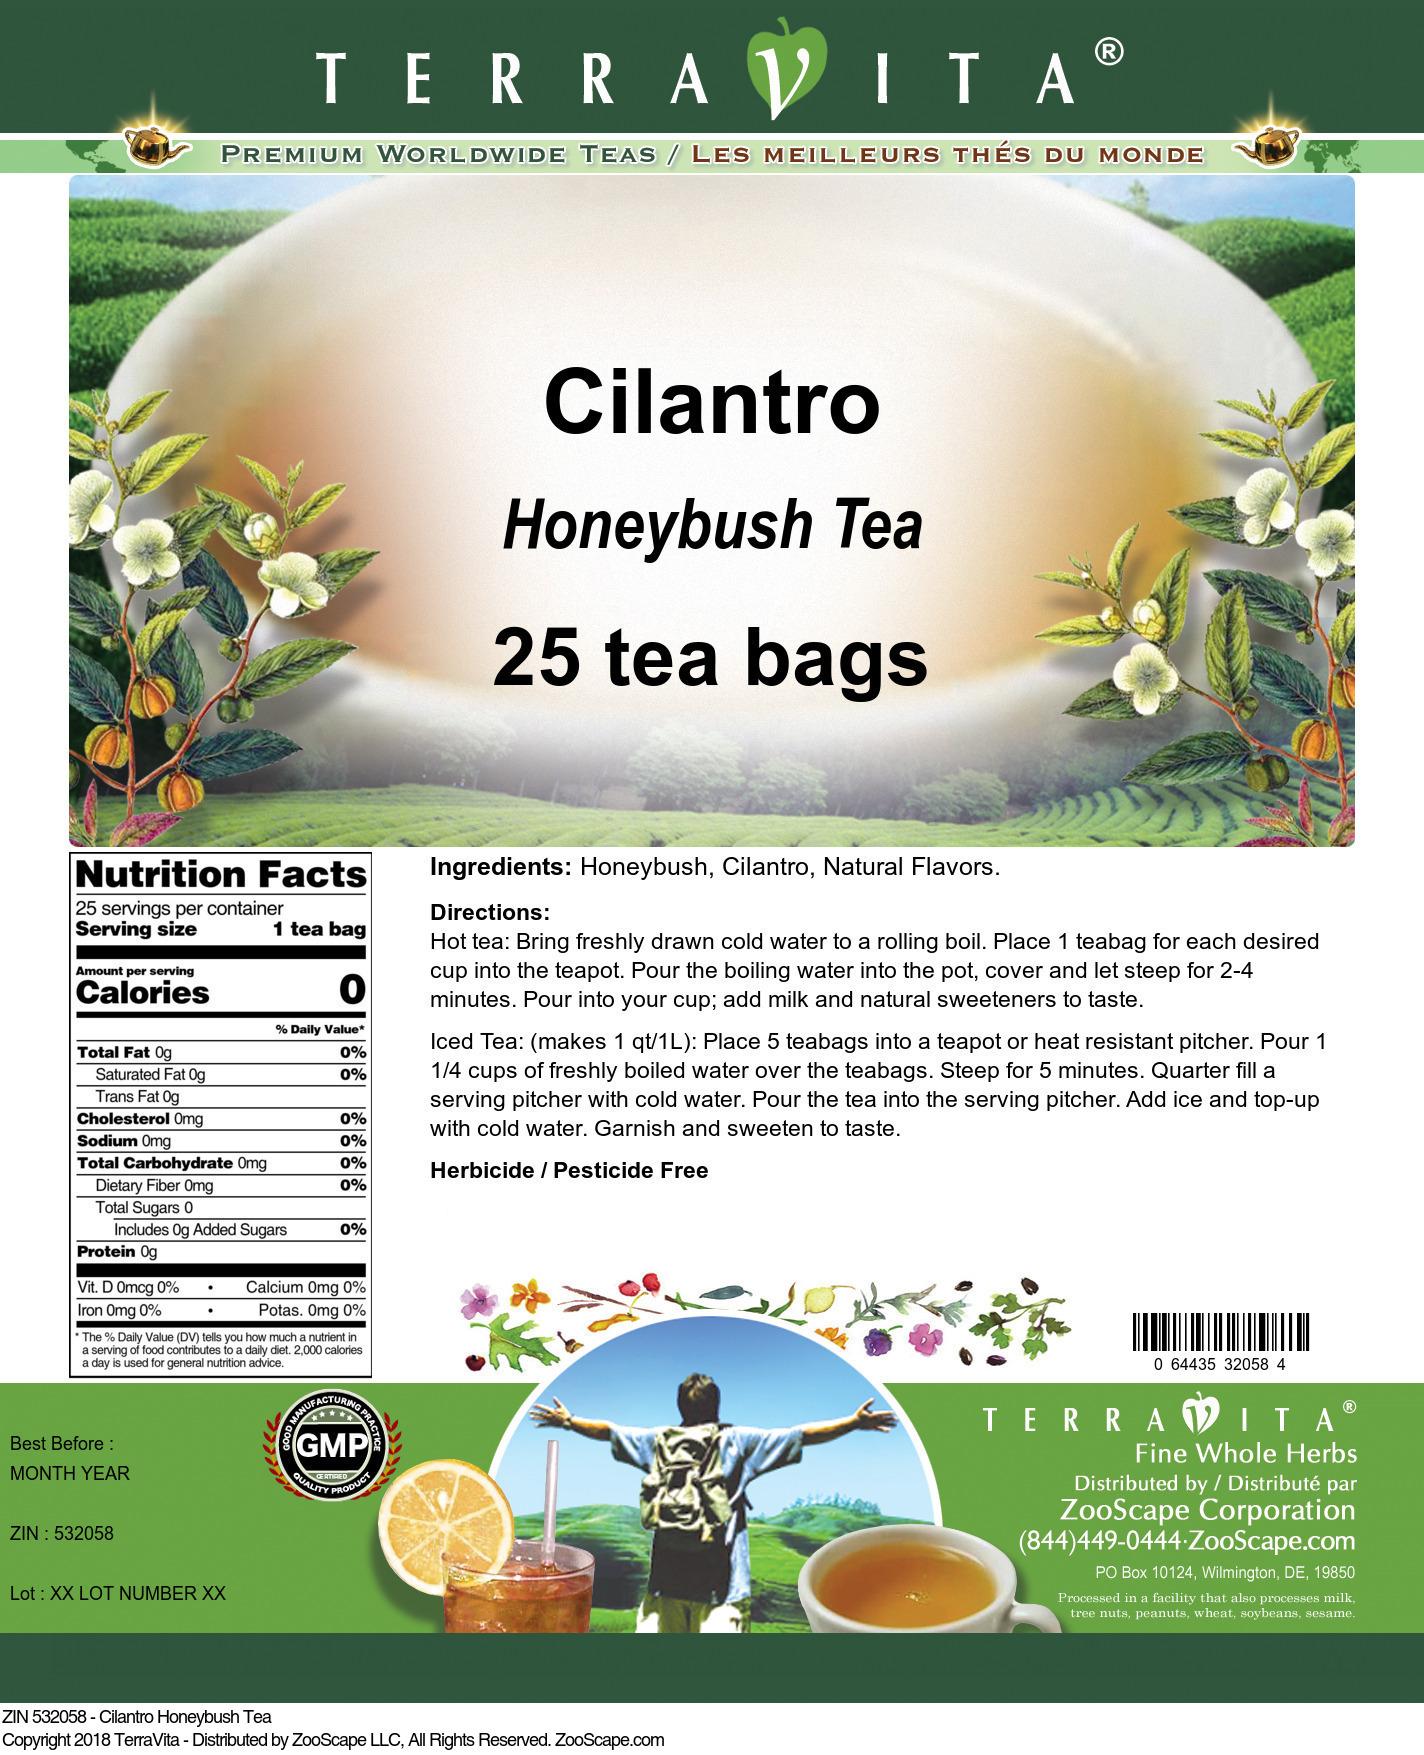 Cilantro Honeybush Tea